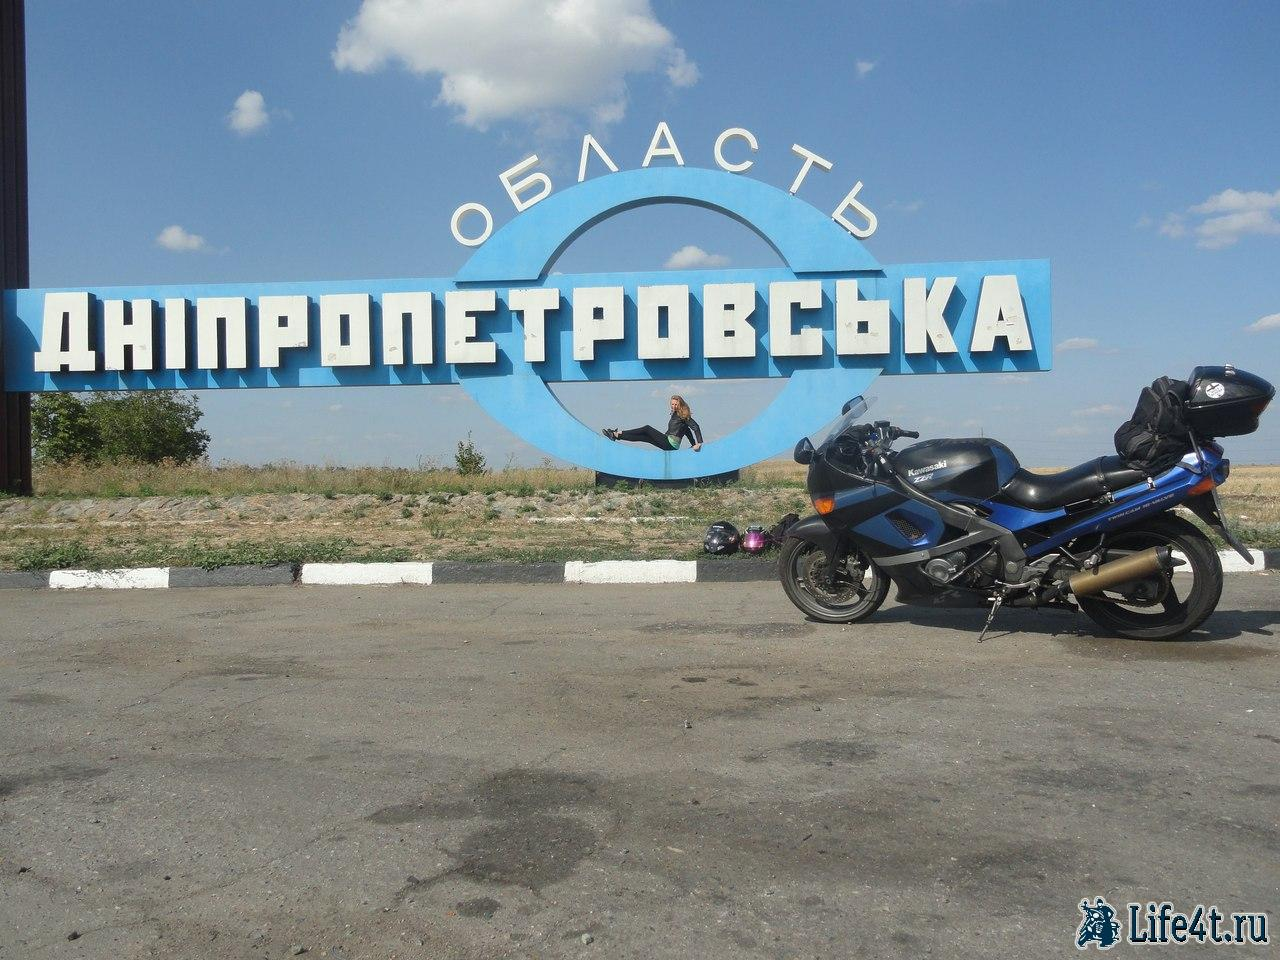 Россия - Украина - Крым 2013